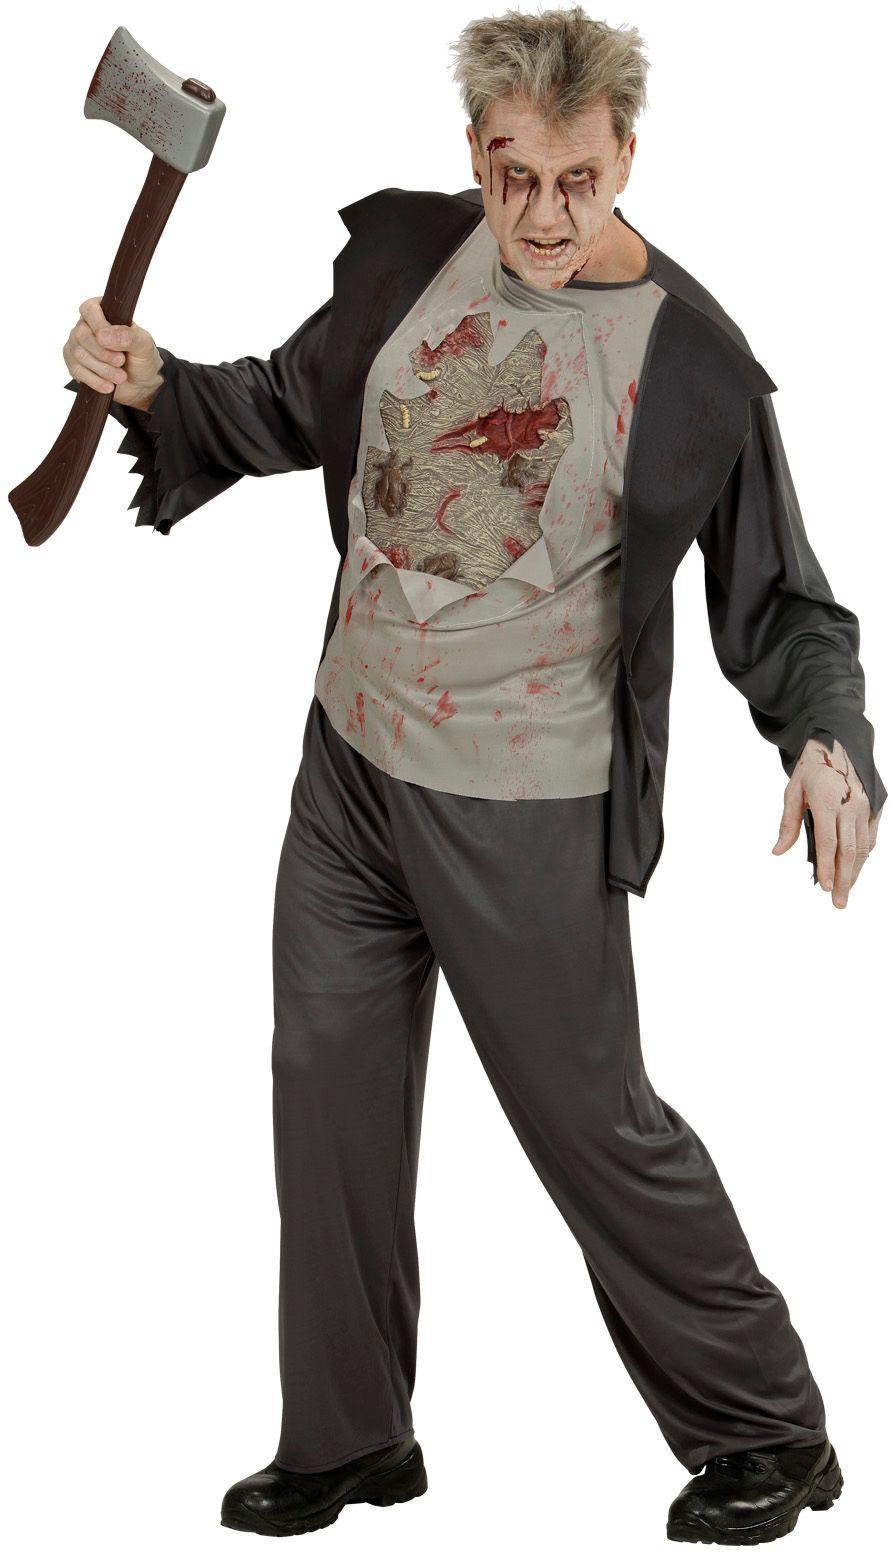 Iets Nieuws Halloween kleding en outfit ideeën; 50x inspiratie voor Halloween @BZ94